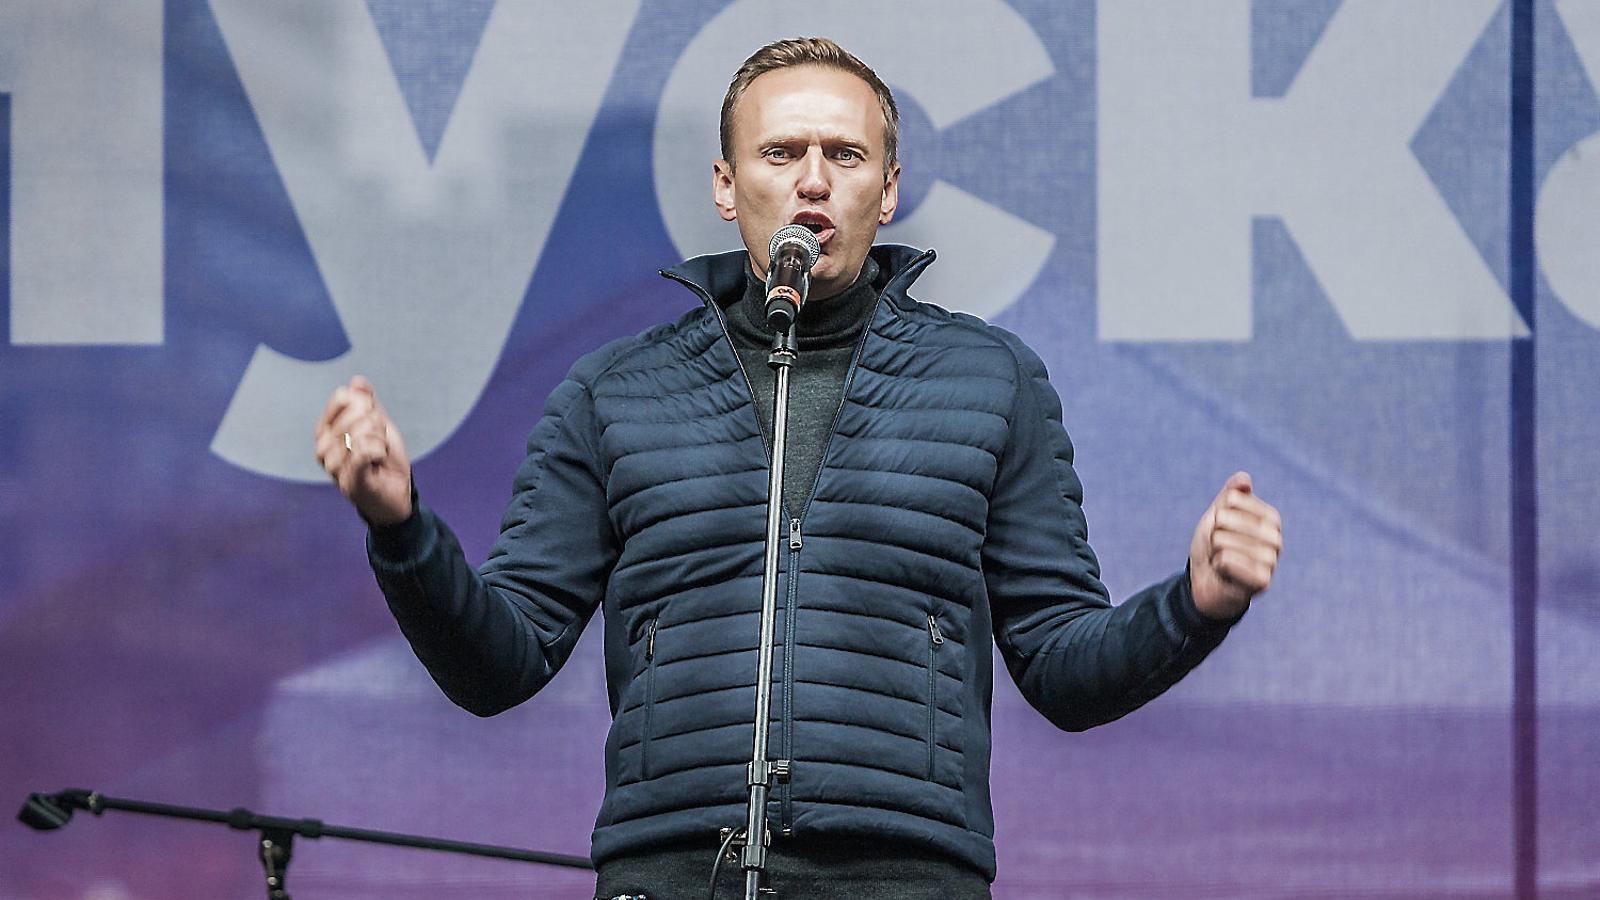 Navalni, una de les veus més significatives dels opositors al Kremlin, intervenint  En una manifestació  A favor de les llibertats a Moscou, en una imatge d'arxiu.